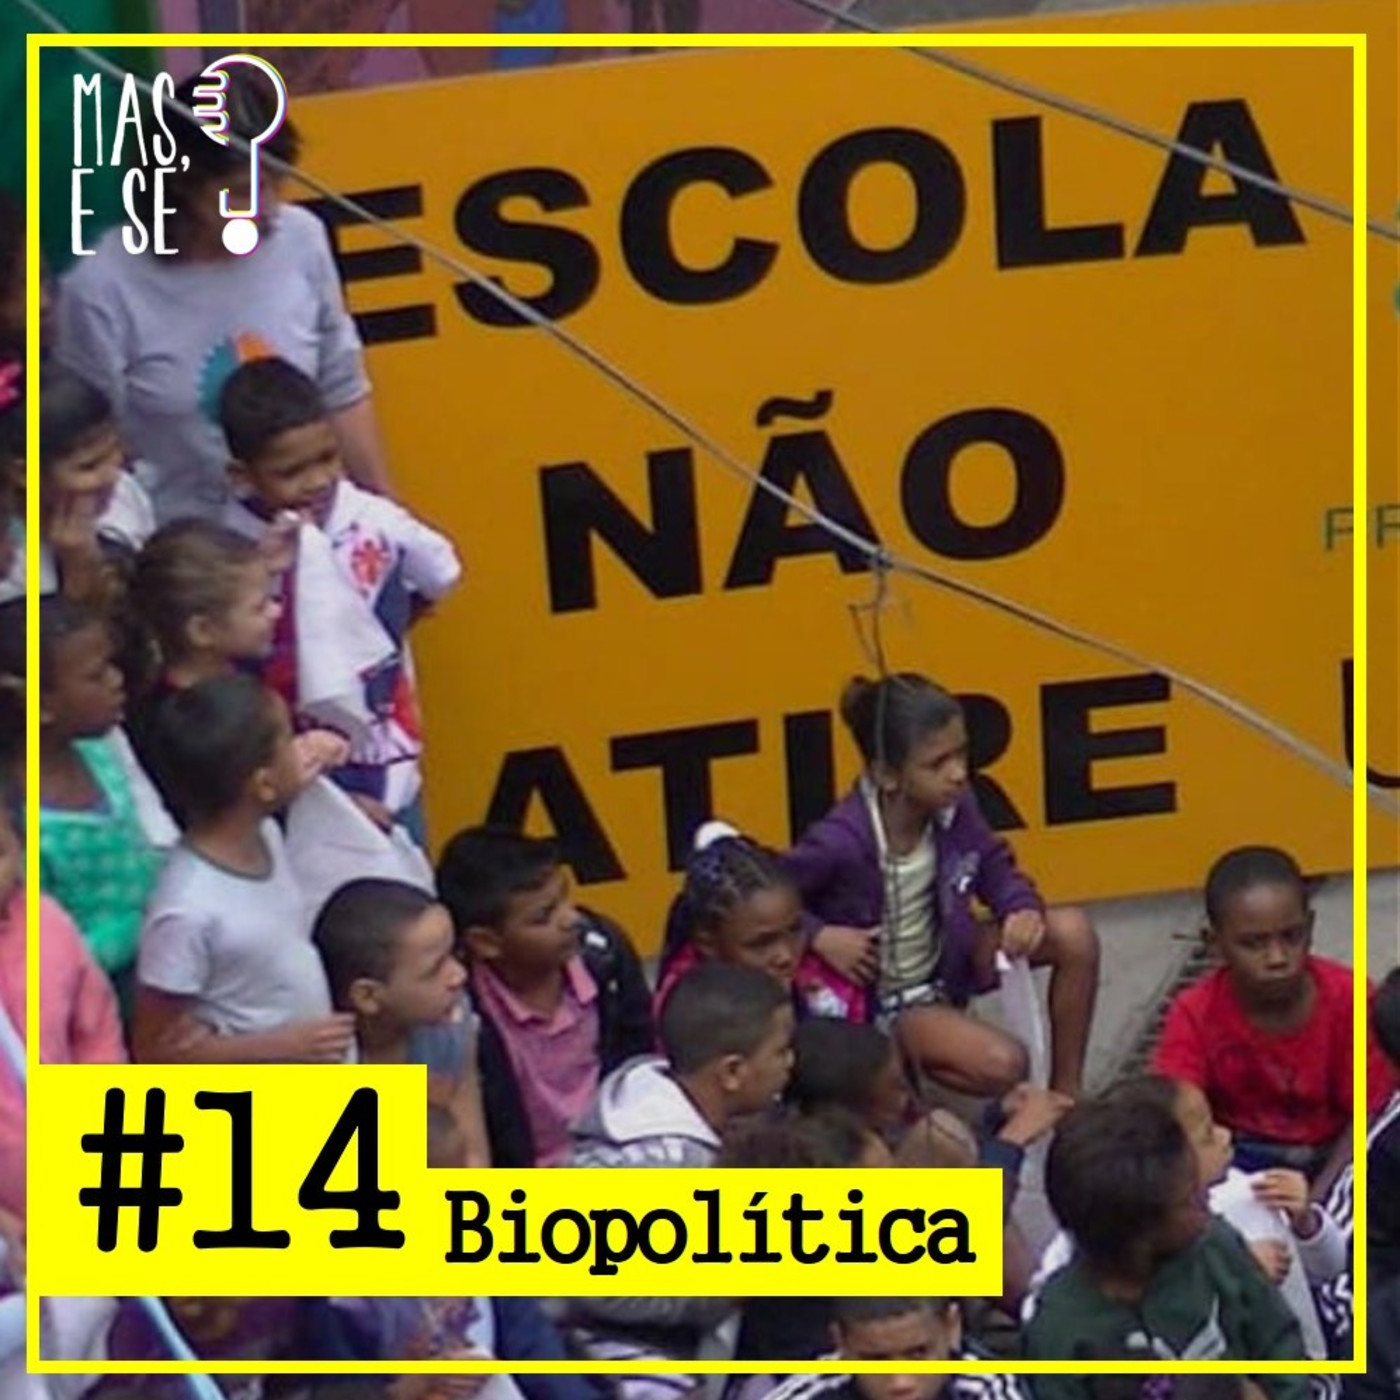 Mas e se? #14 Biopolítica